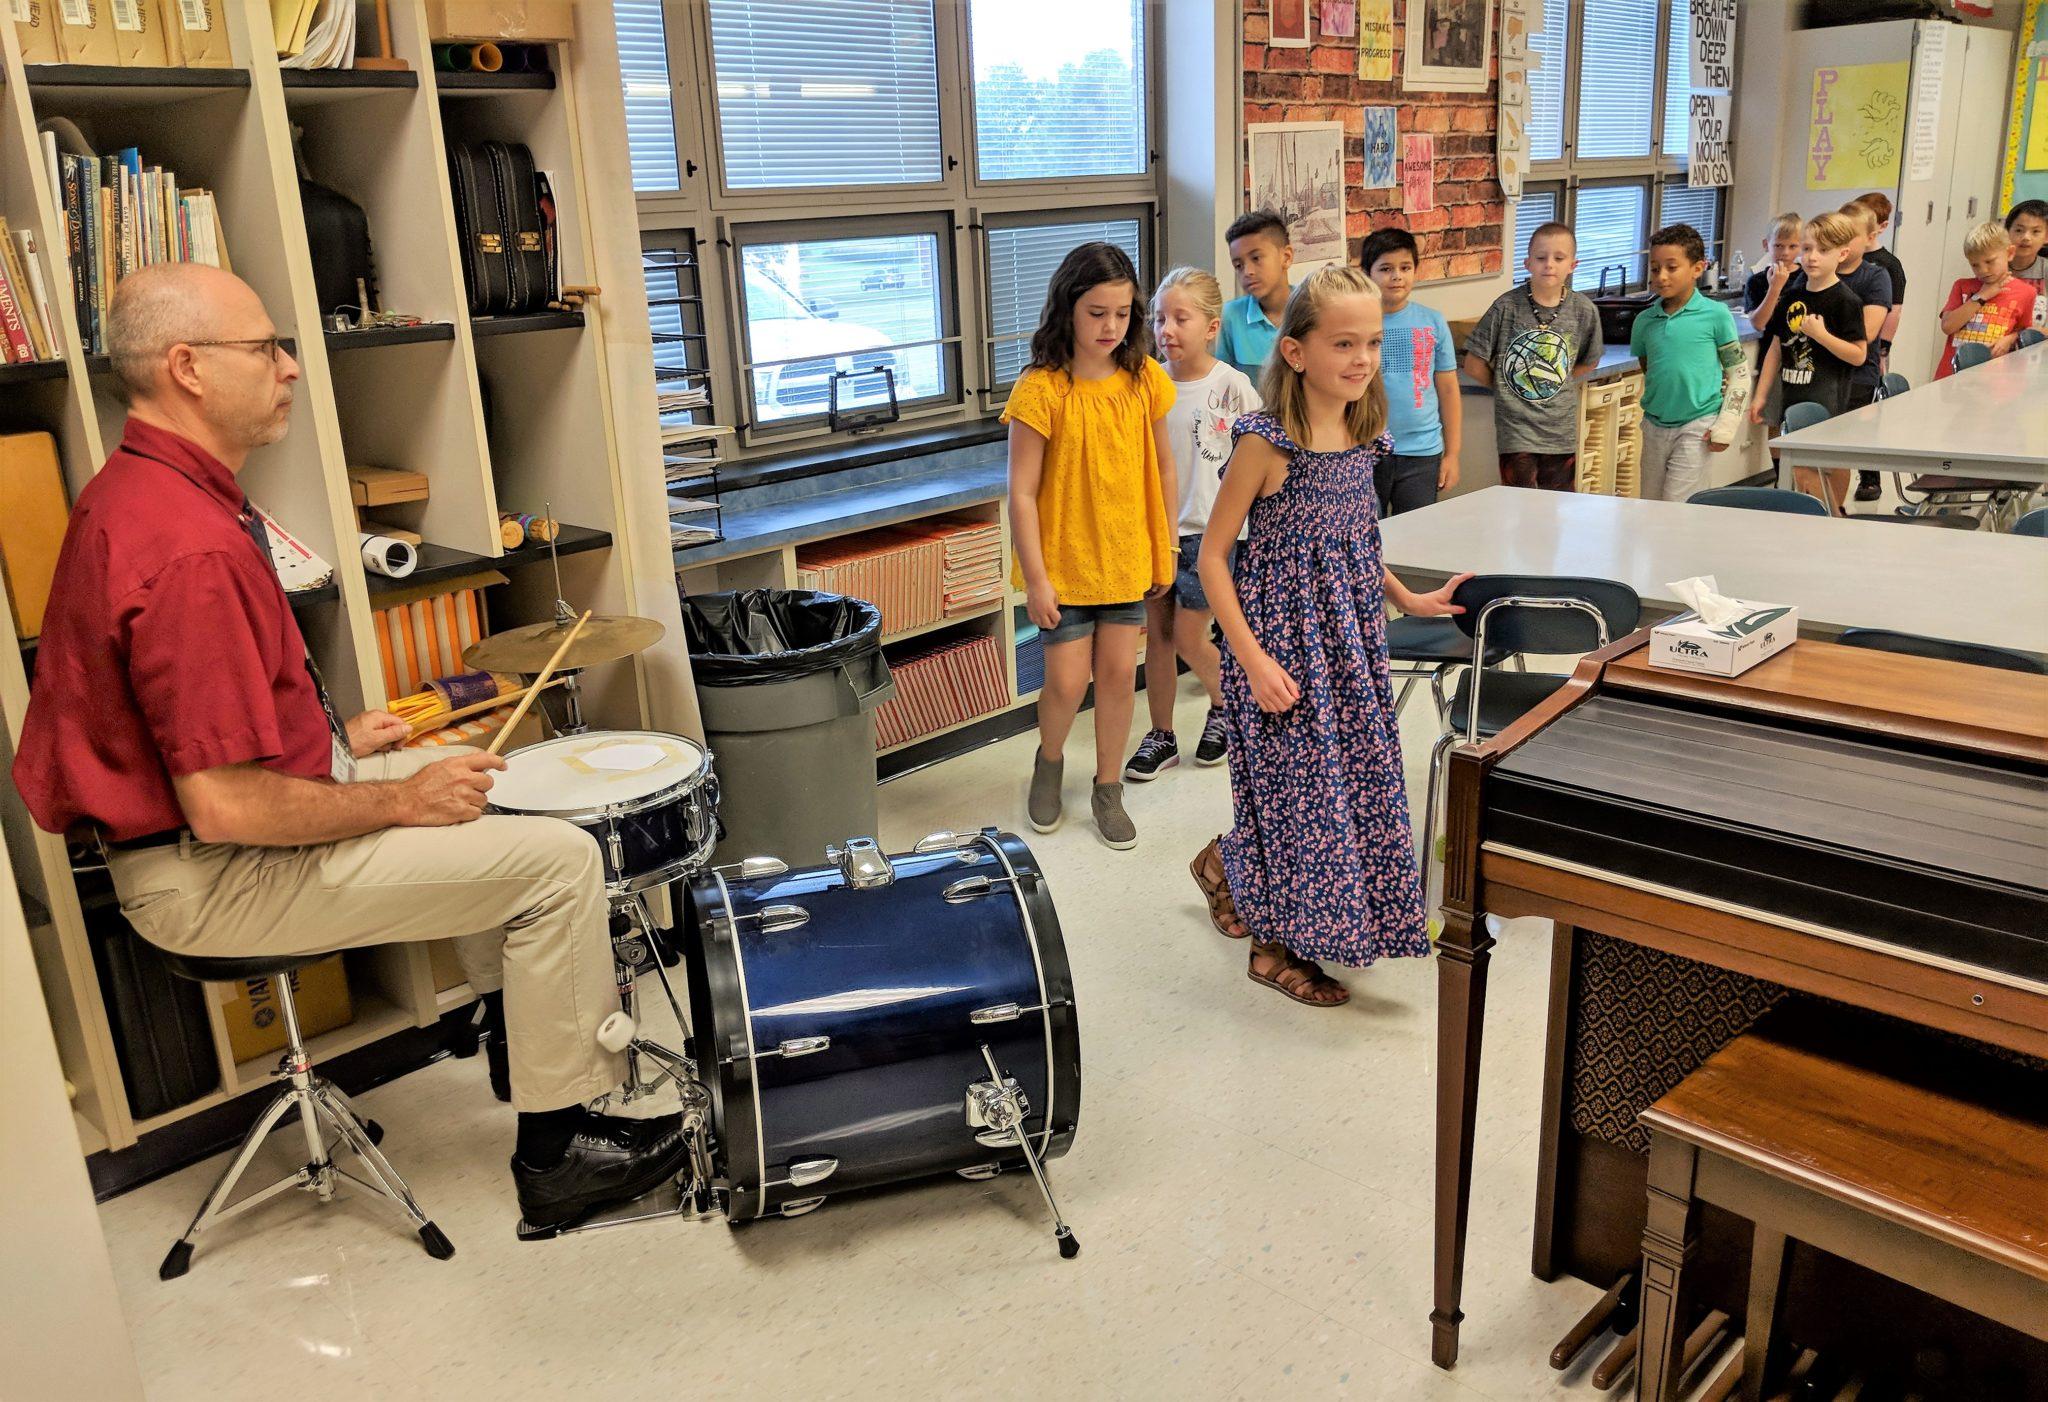 Letort Elementary